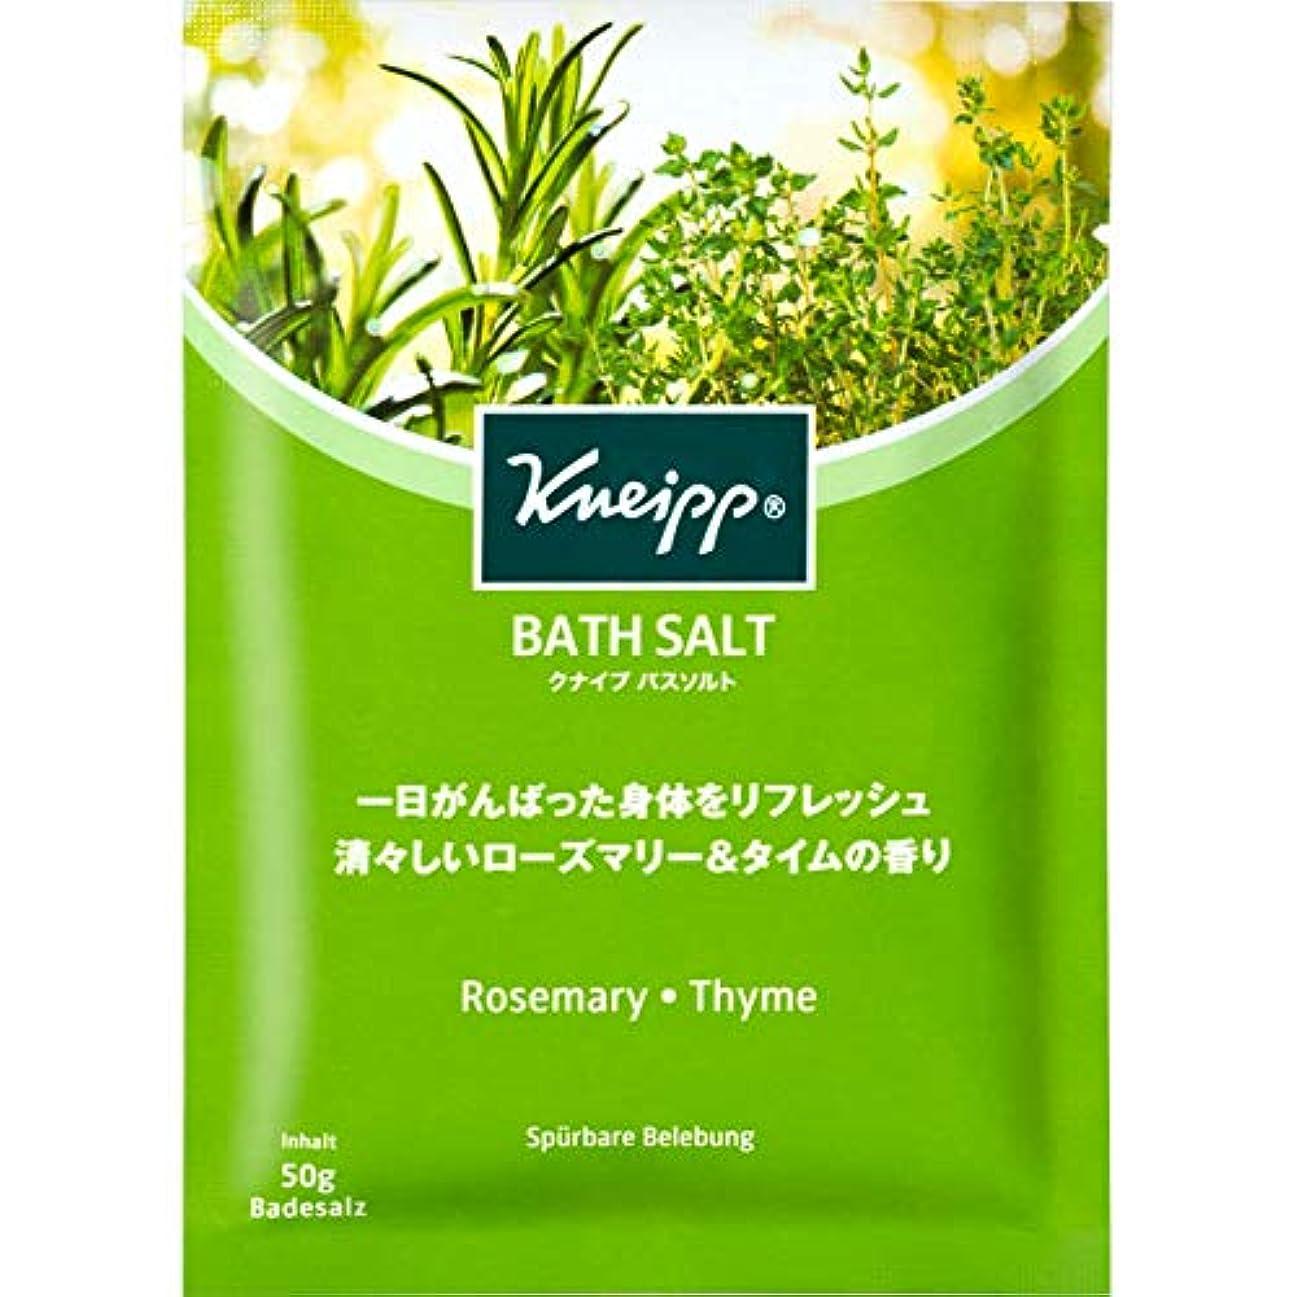 酸広々有毒なクナイプ?ジャパン クナイプ バスソルト ローズマリー&タイムの香り 50g